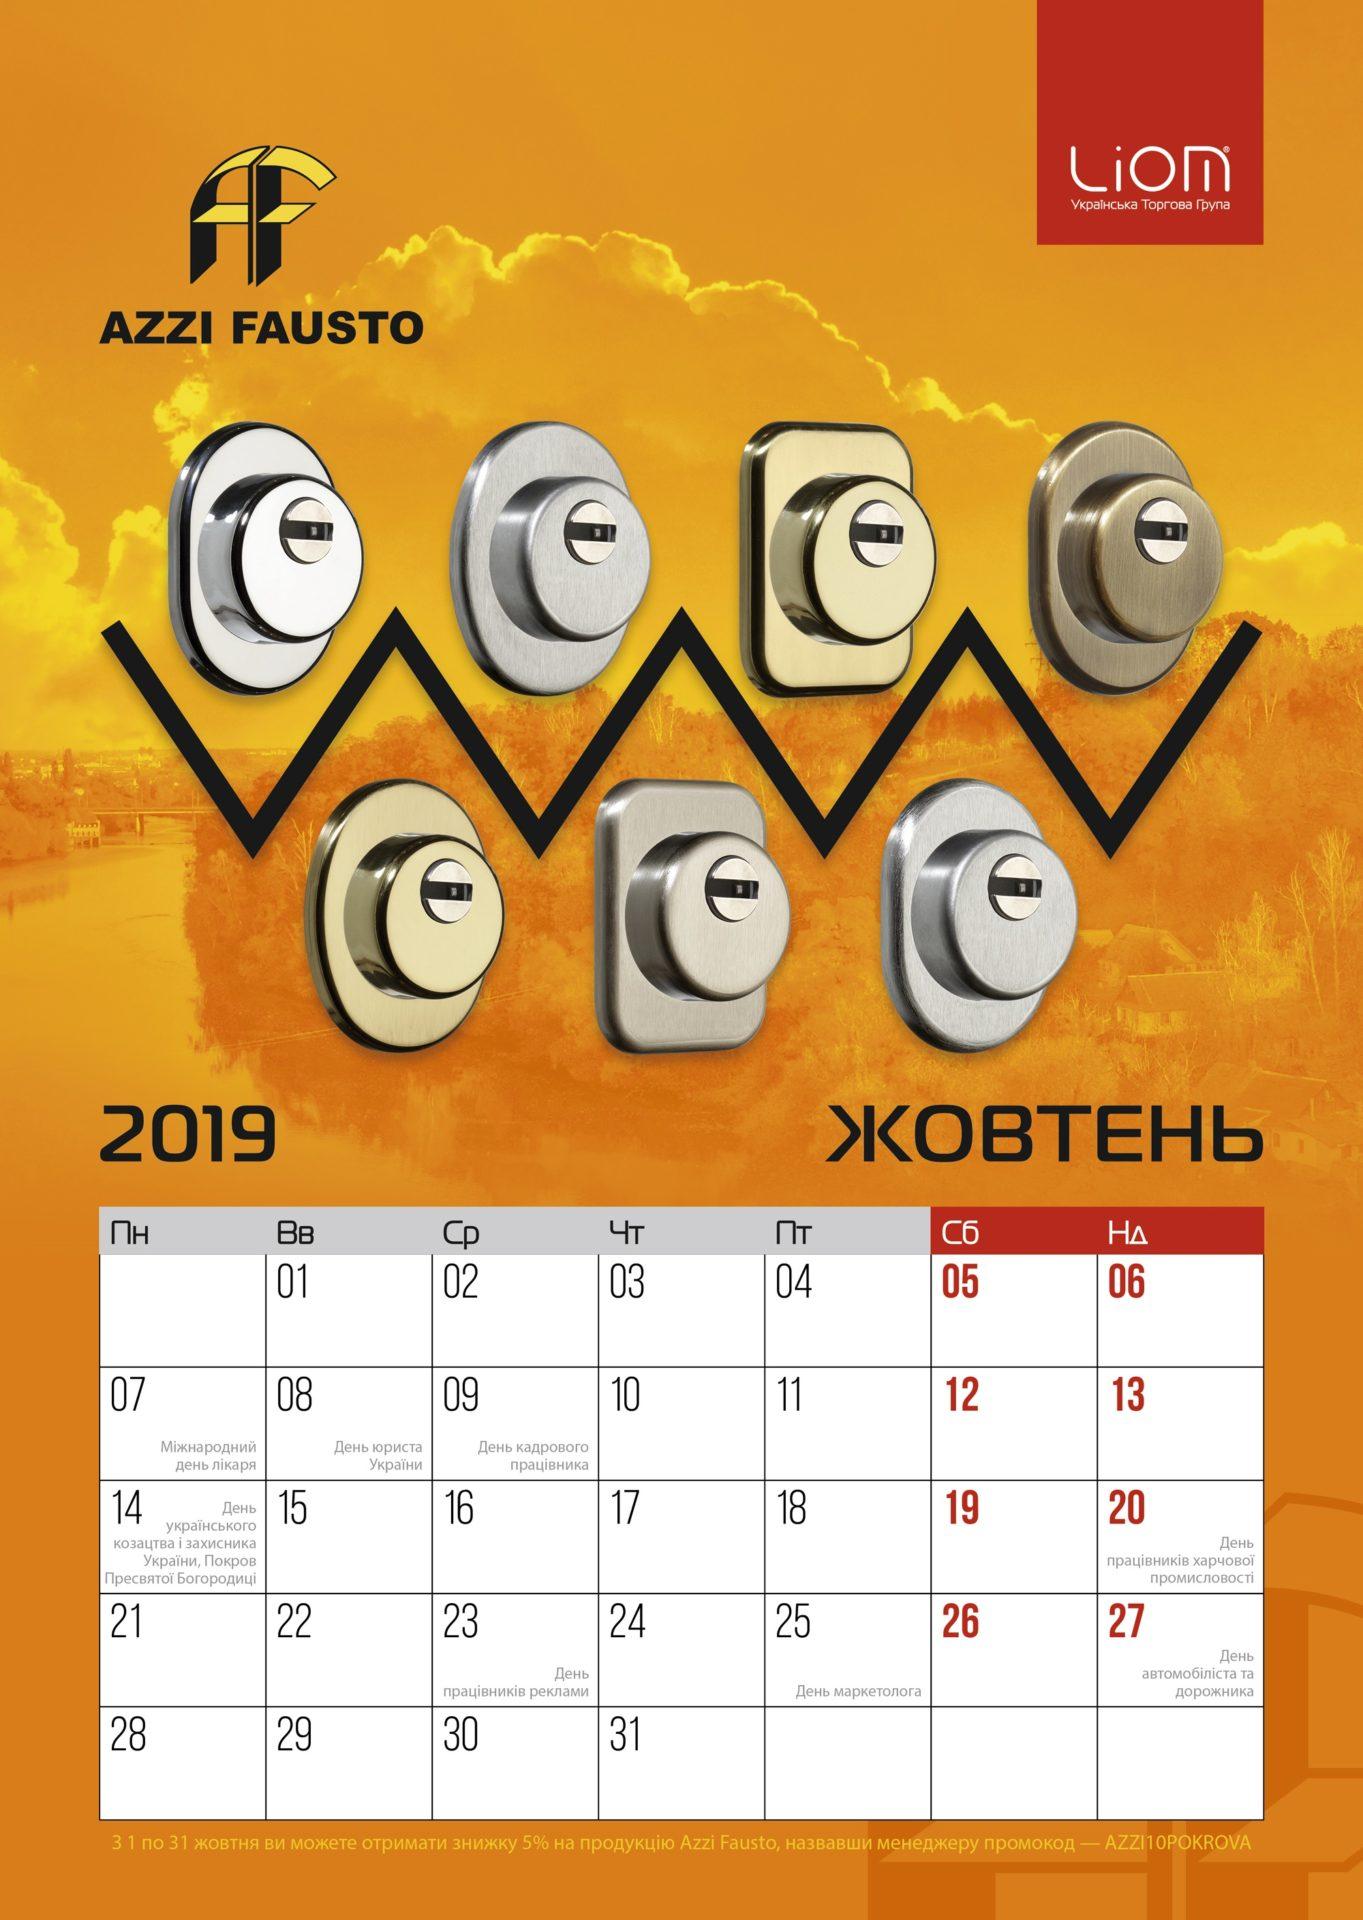 календар за жовтень із продукцією AzziFausto